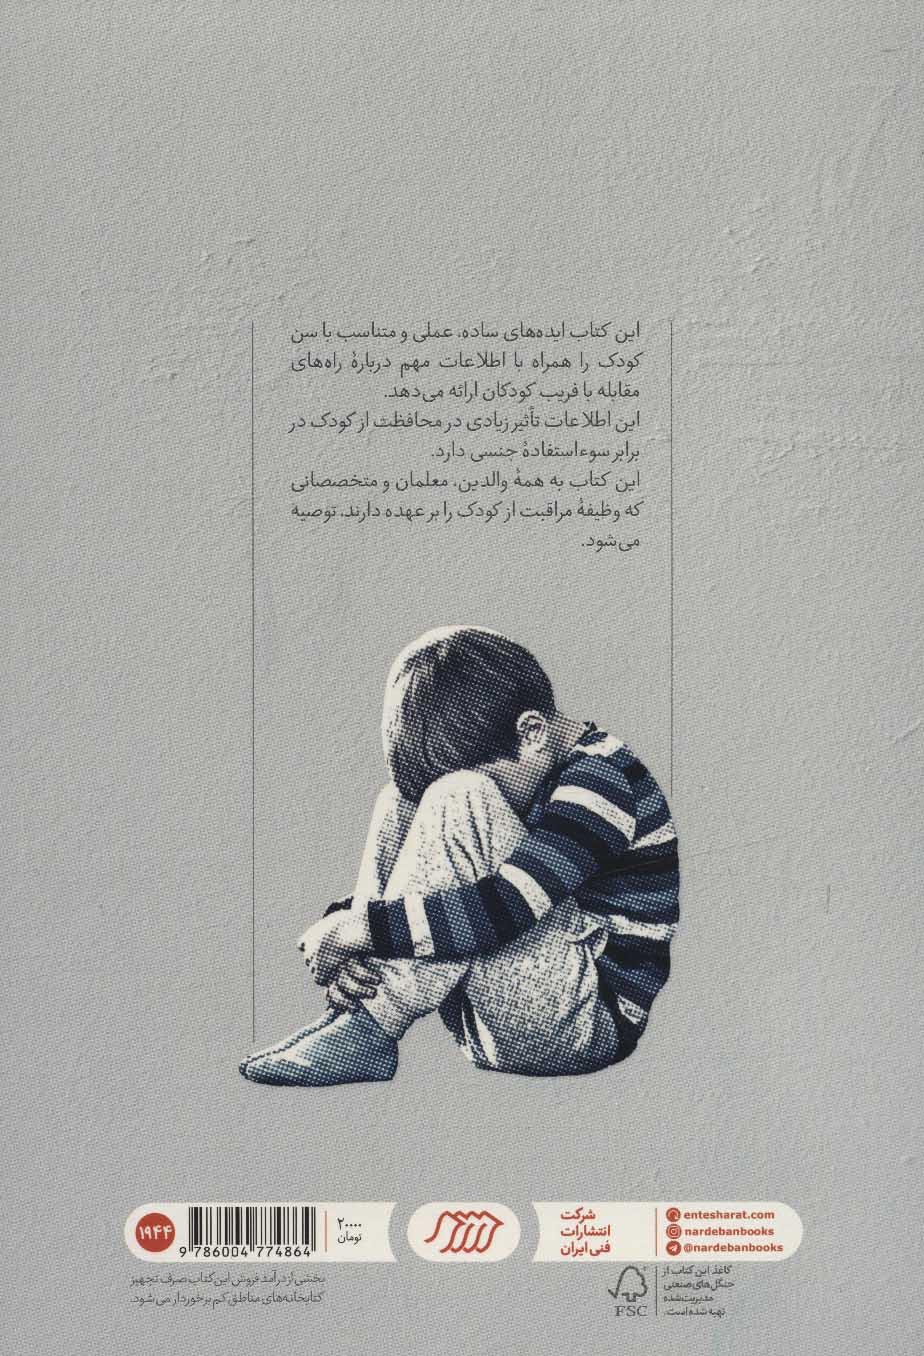 راهنمای والدین برای حفاظت از کودکان در برابر سوءاستفاده جنسی